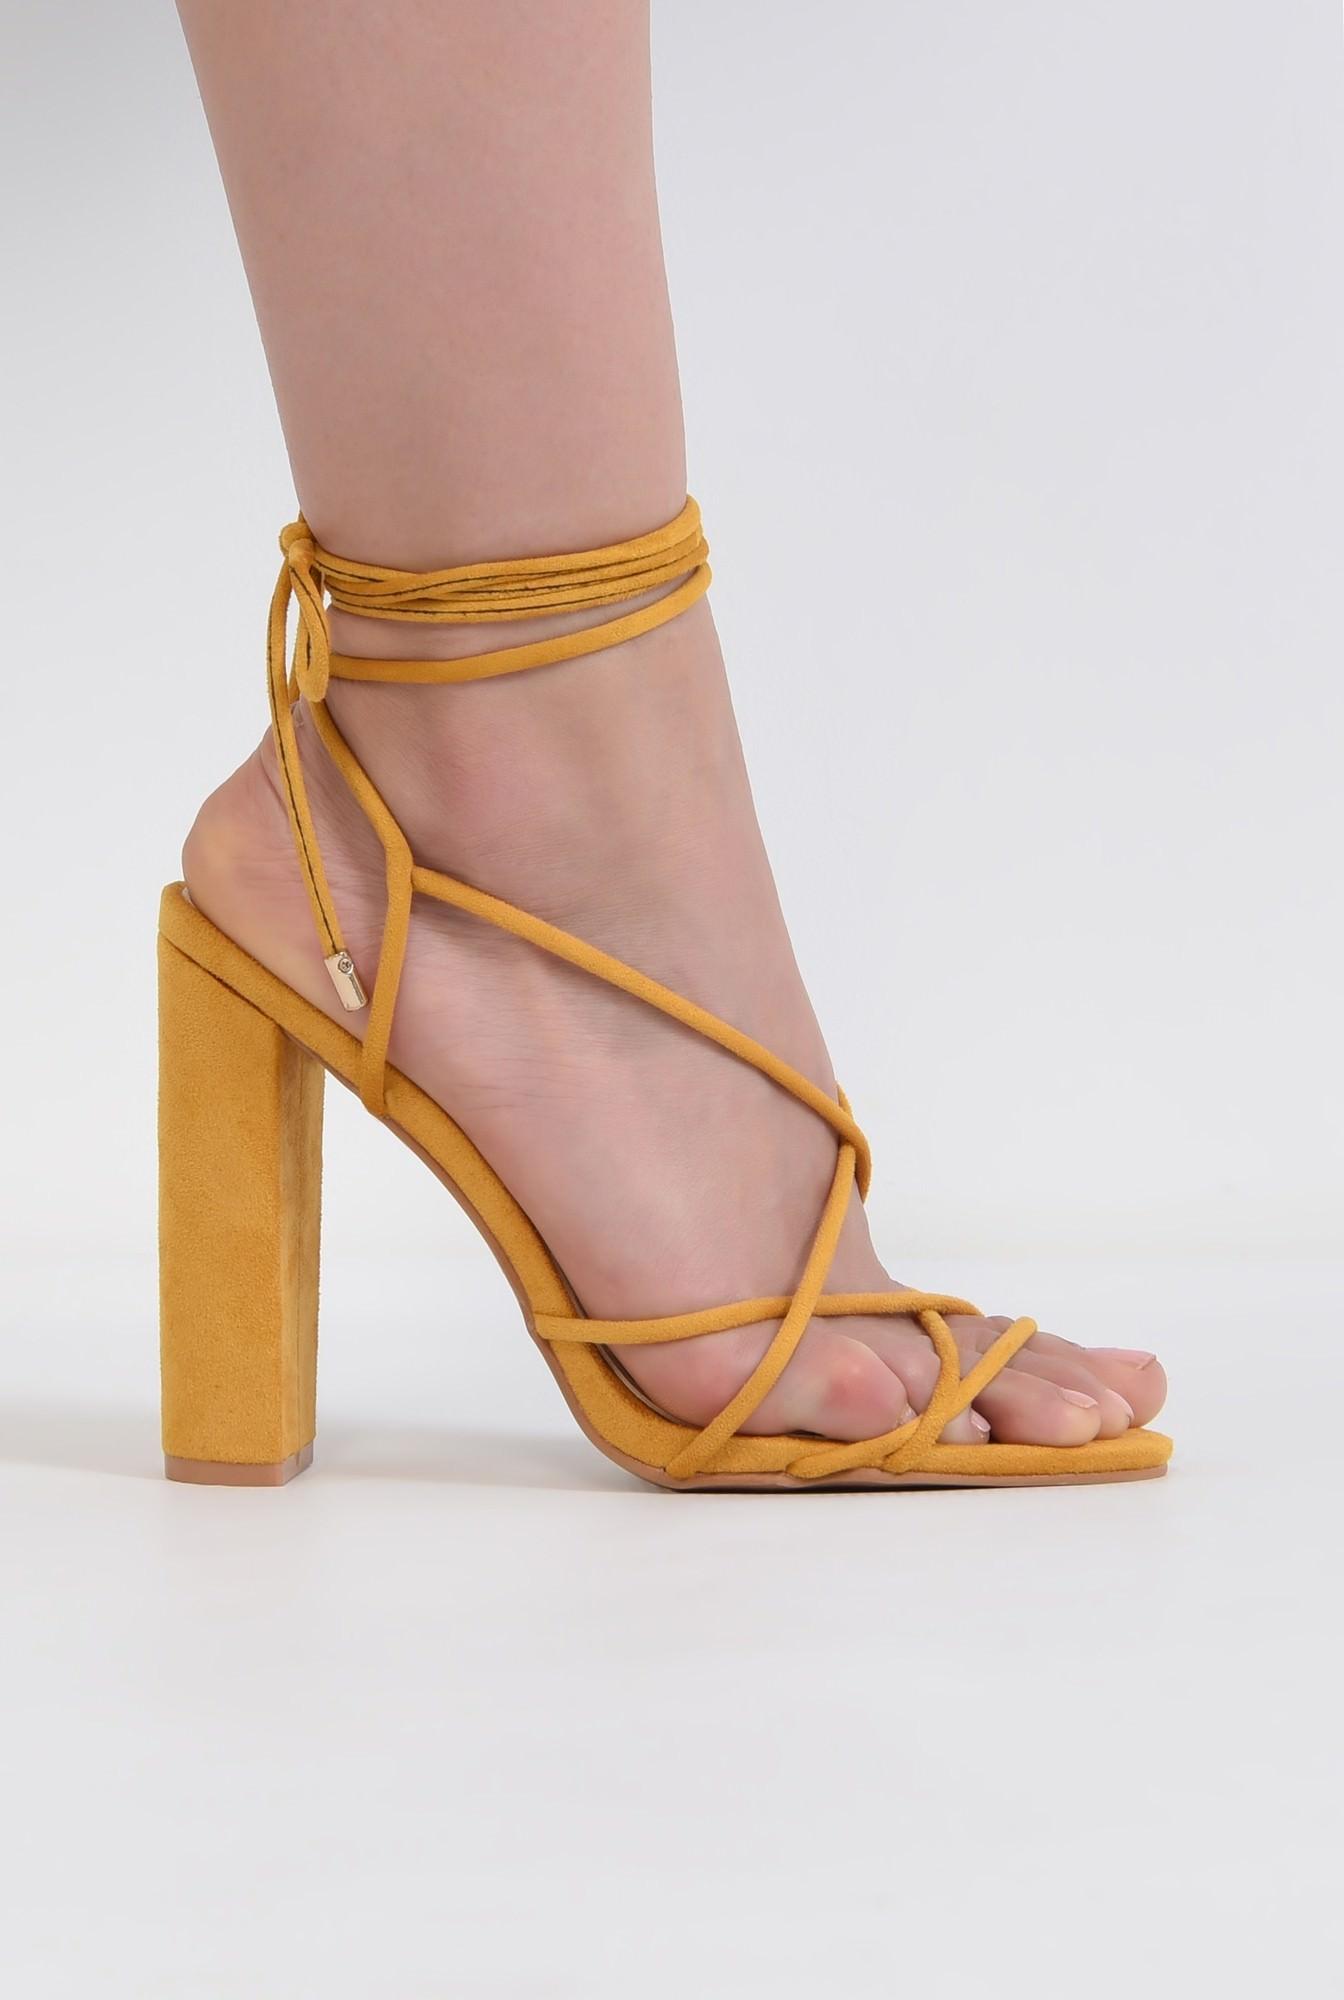 0 - sandale elegante, din velur, mustar, barete tip snur